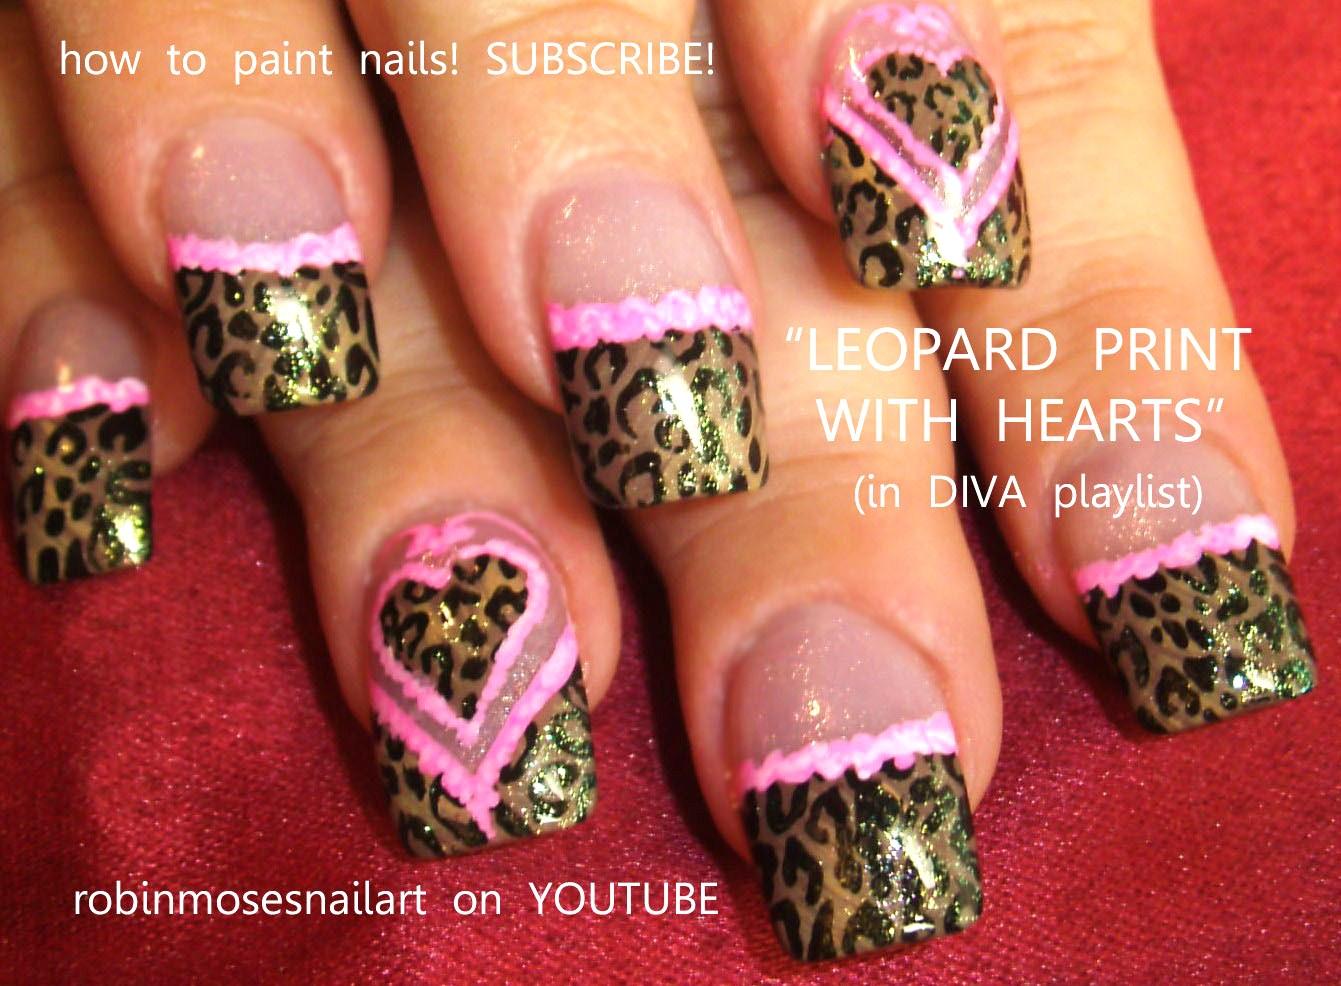 Cheetah print nail designs cheetah print nail designs 30 fierce animal print nail designs photo buzznet prinsesfo Images